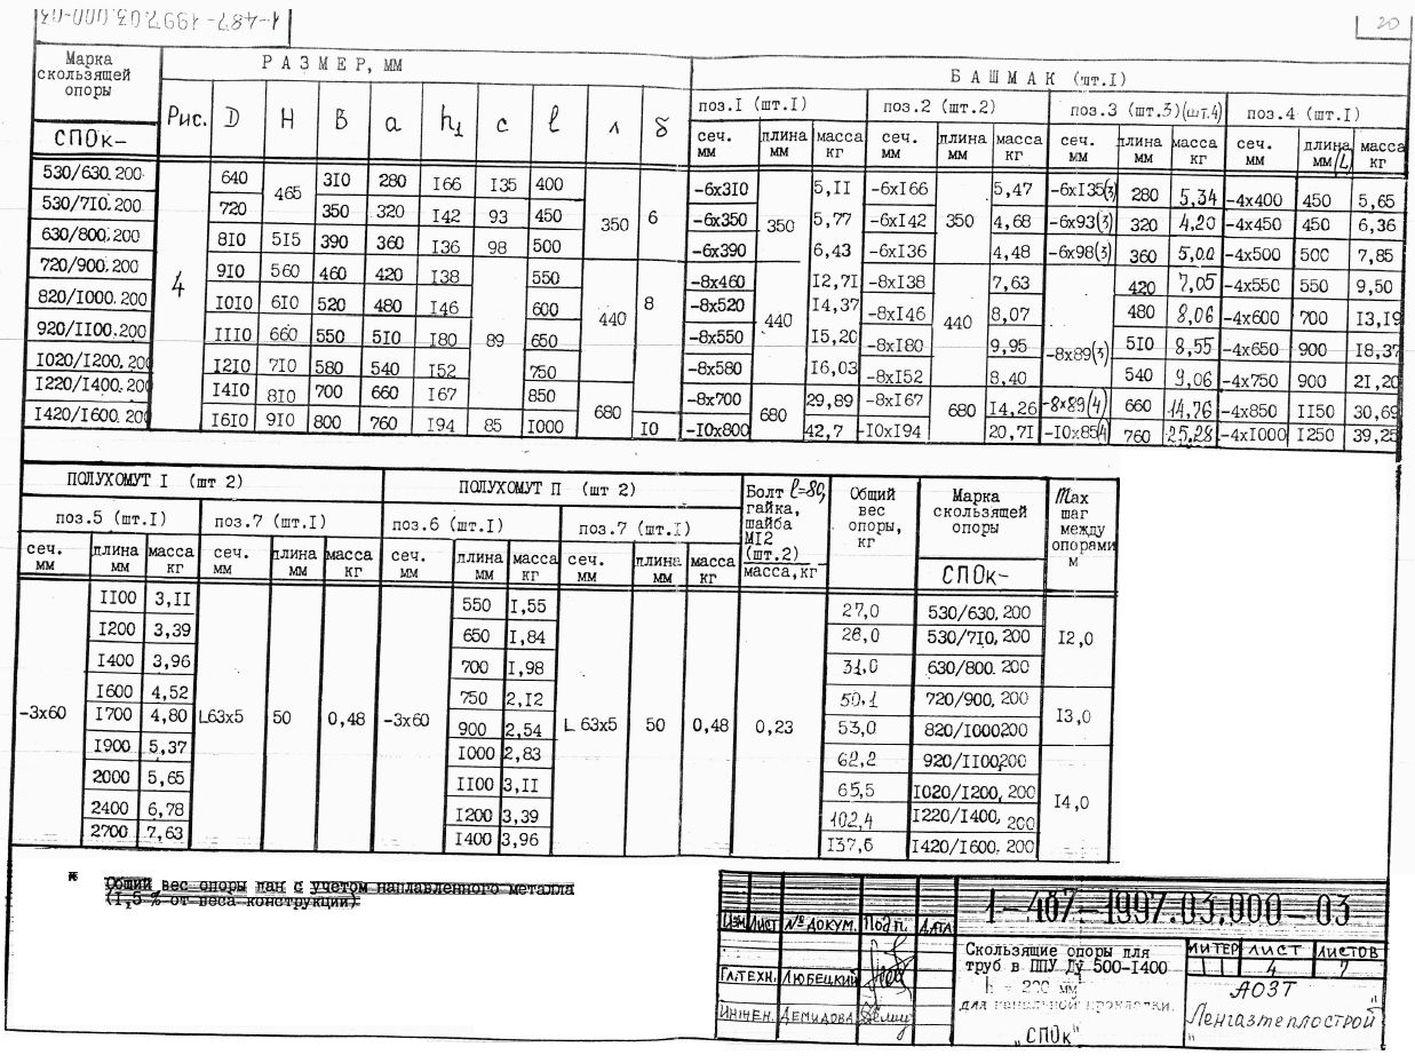 Опора СПОк ТД 1-487-1997.03.000-03 стр.8